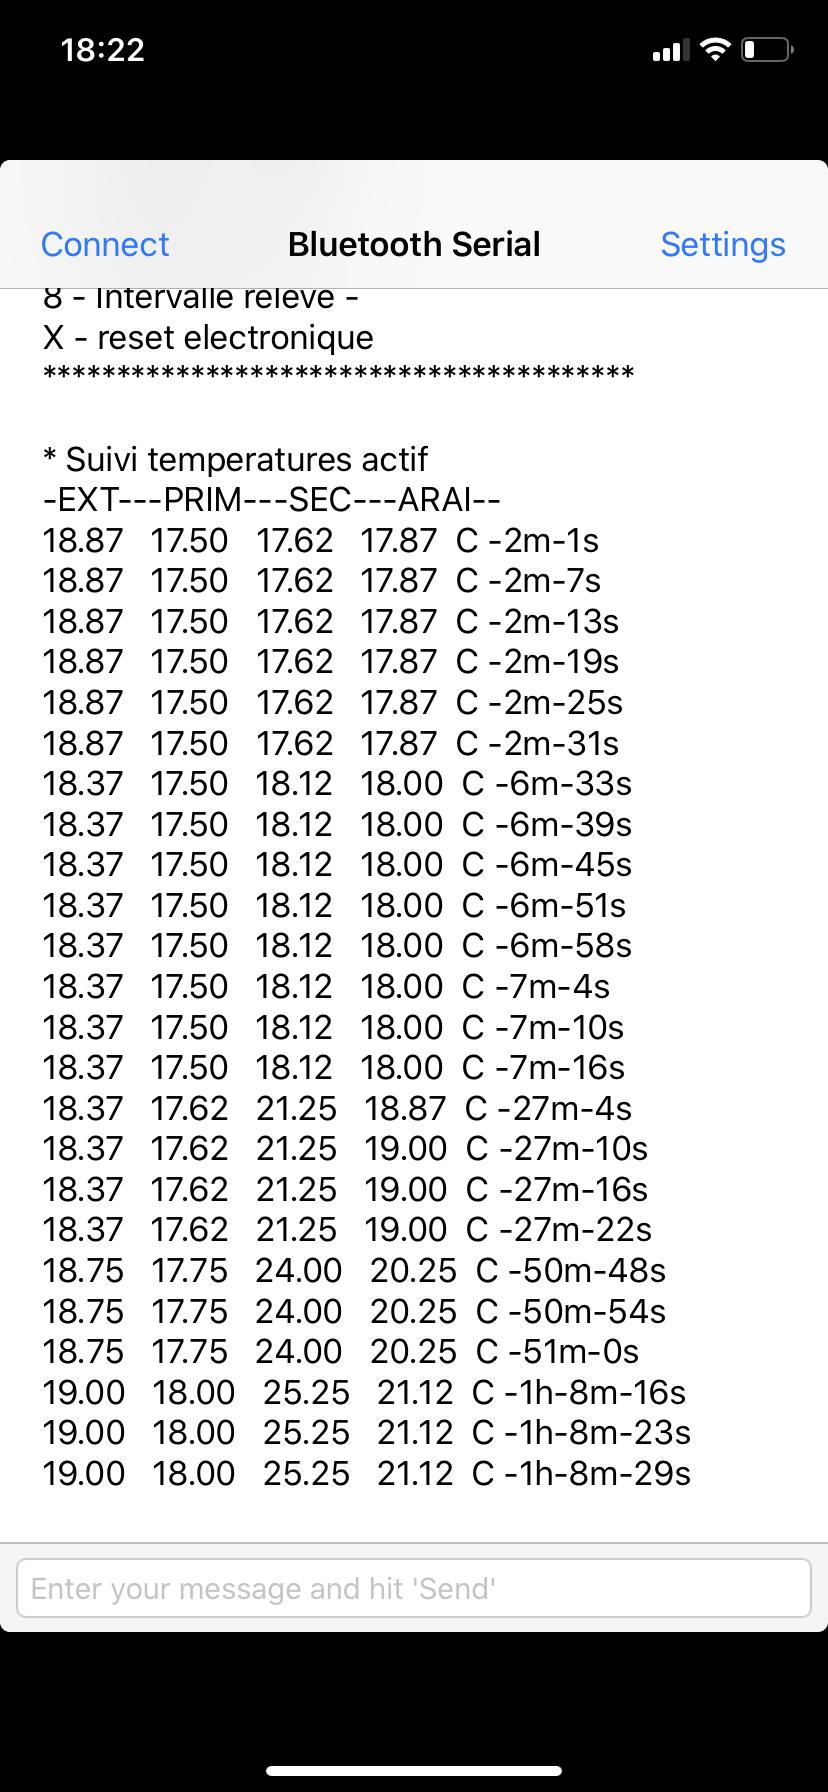 IMG_4991.PNG.b545acea59977dc80cb09d1cbf065142.PNG